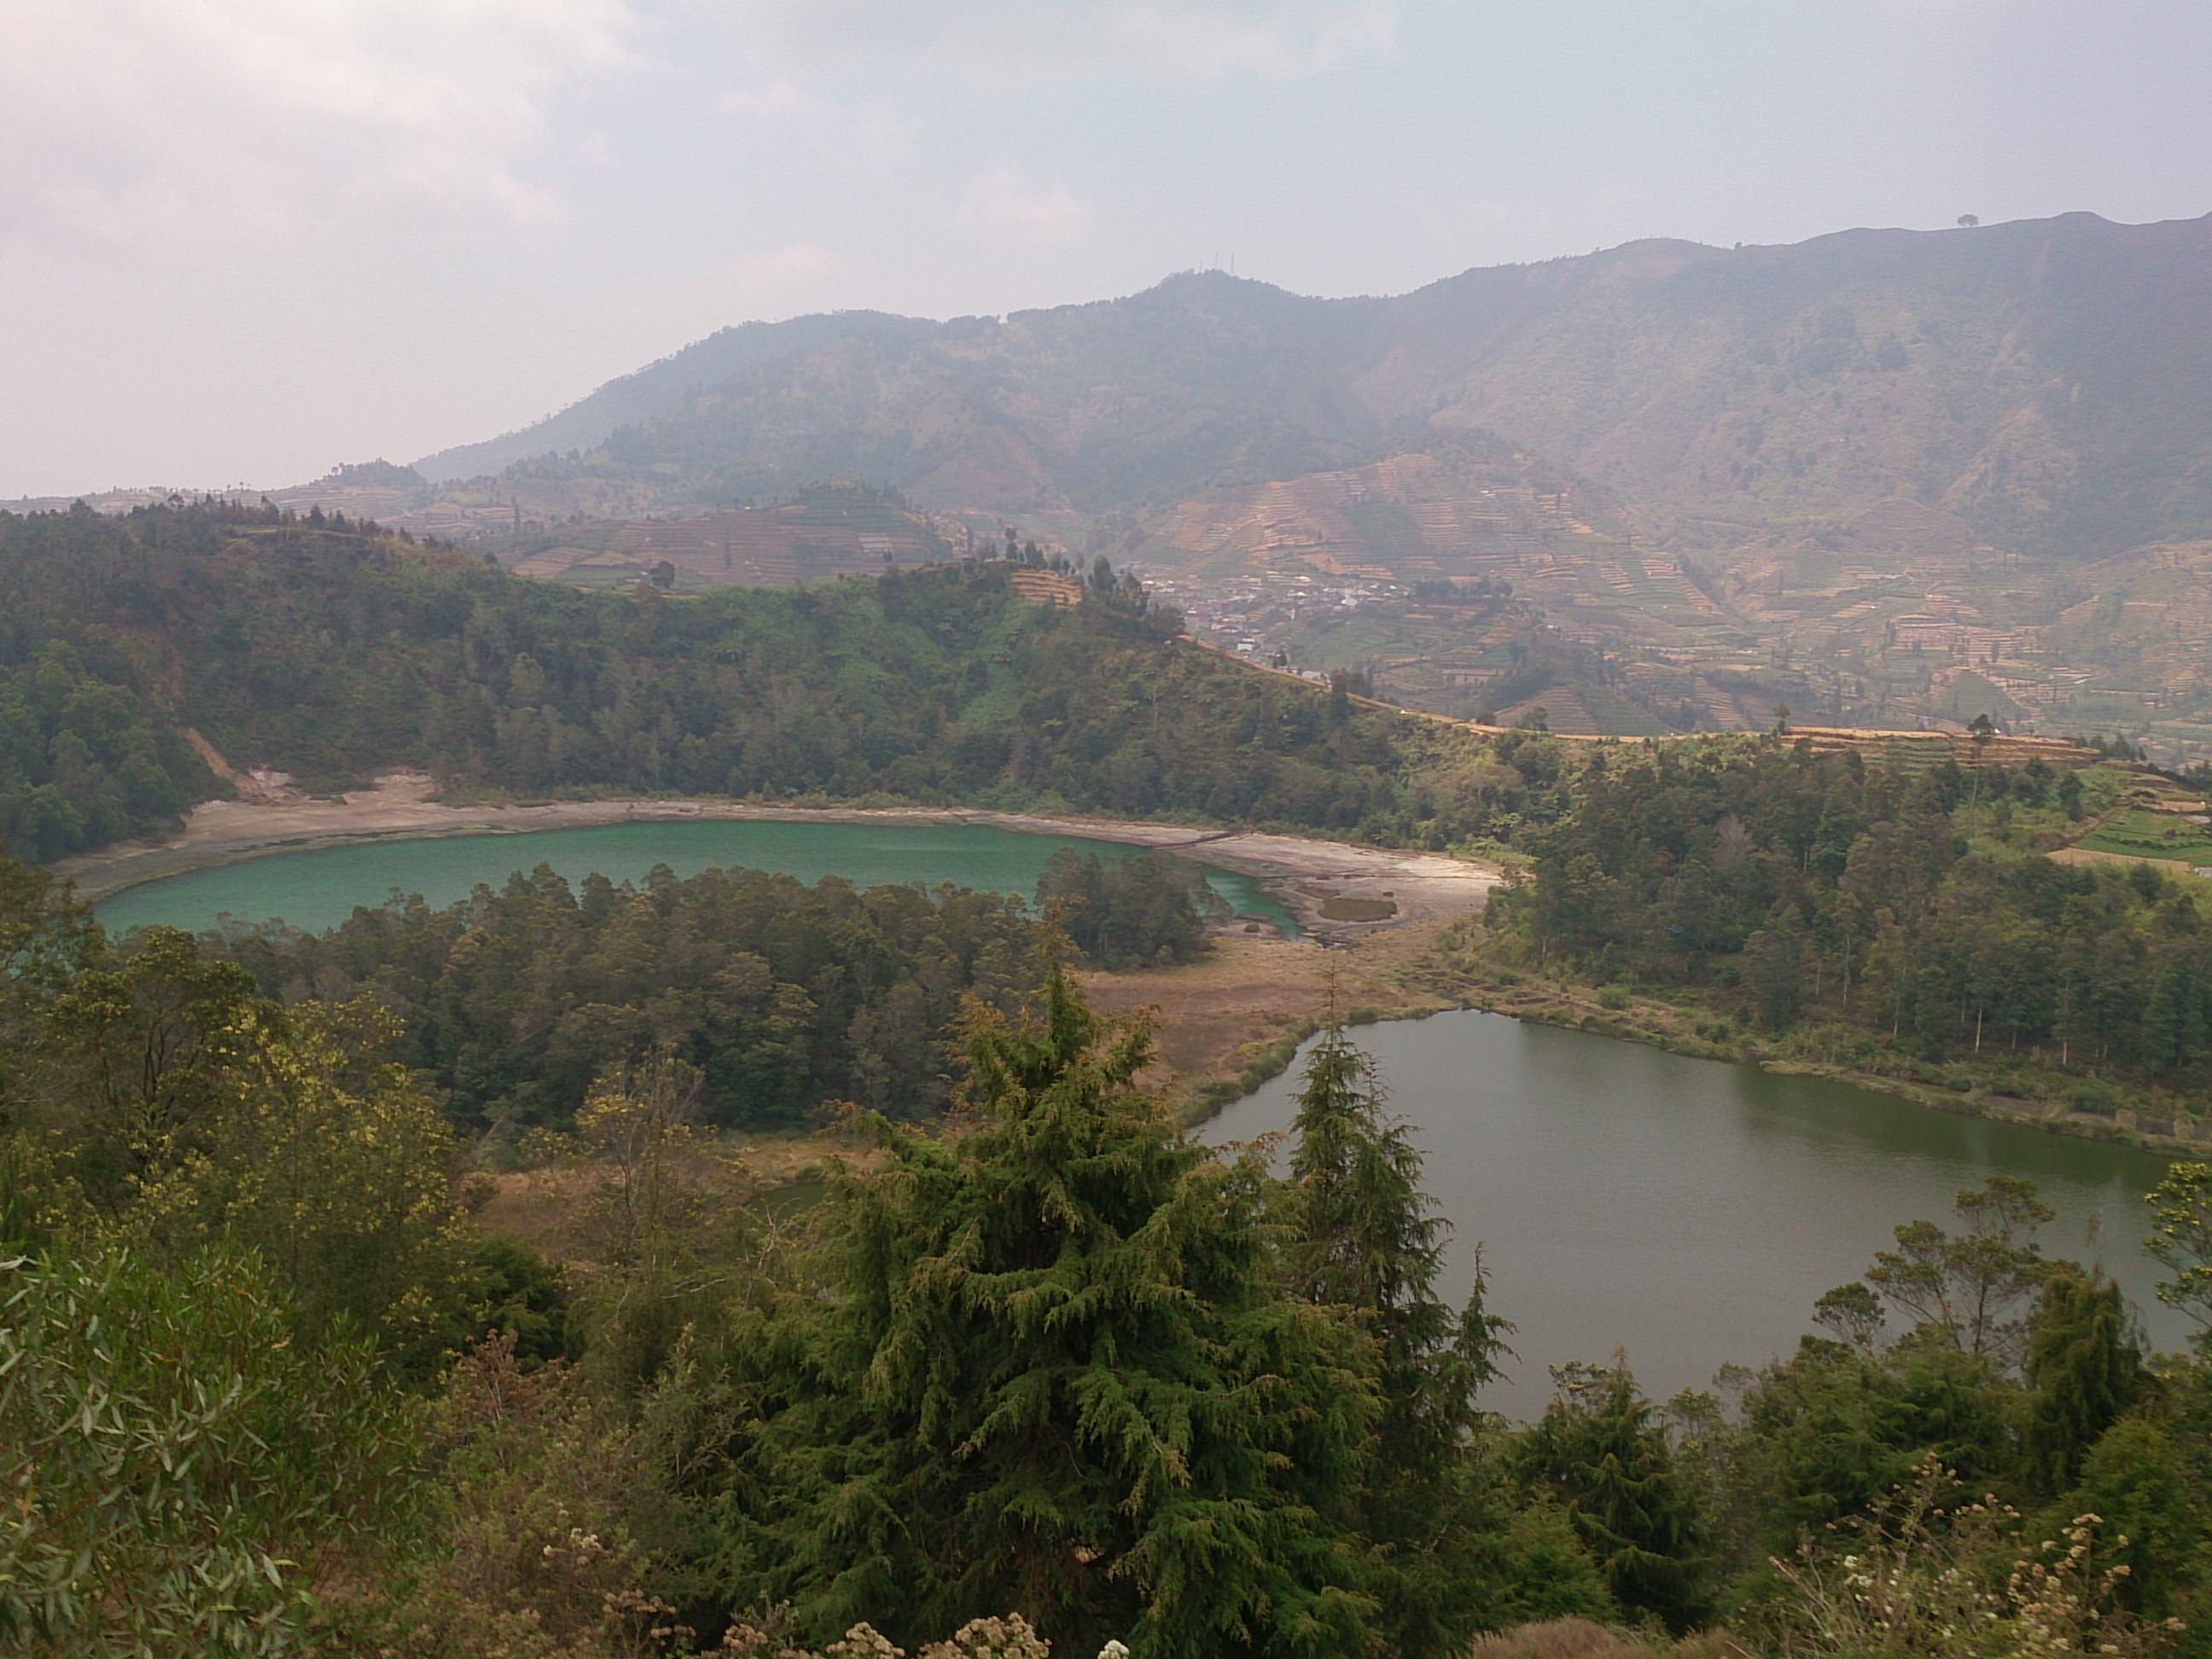 ディエン高原の不思議なカルデラ湖